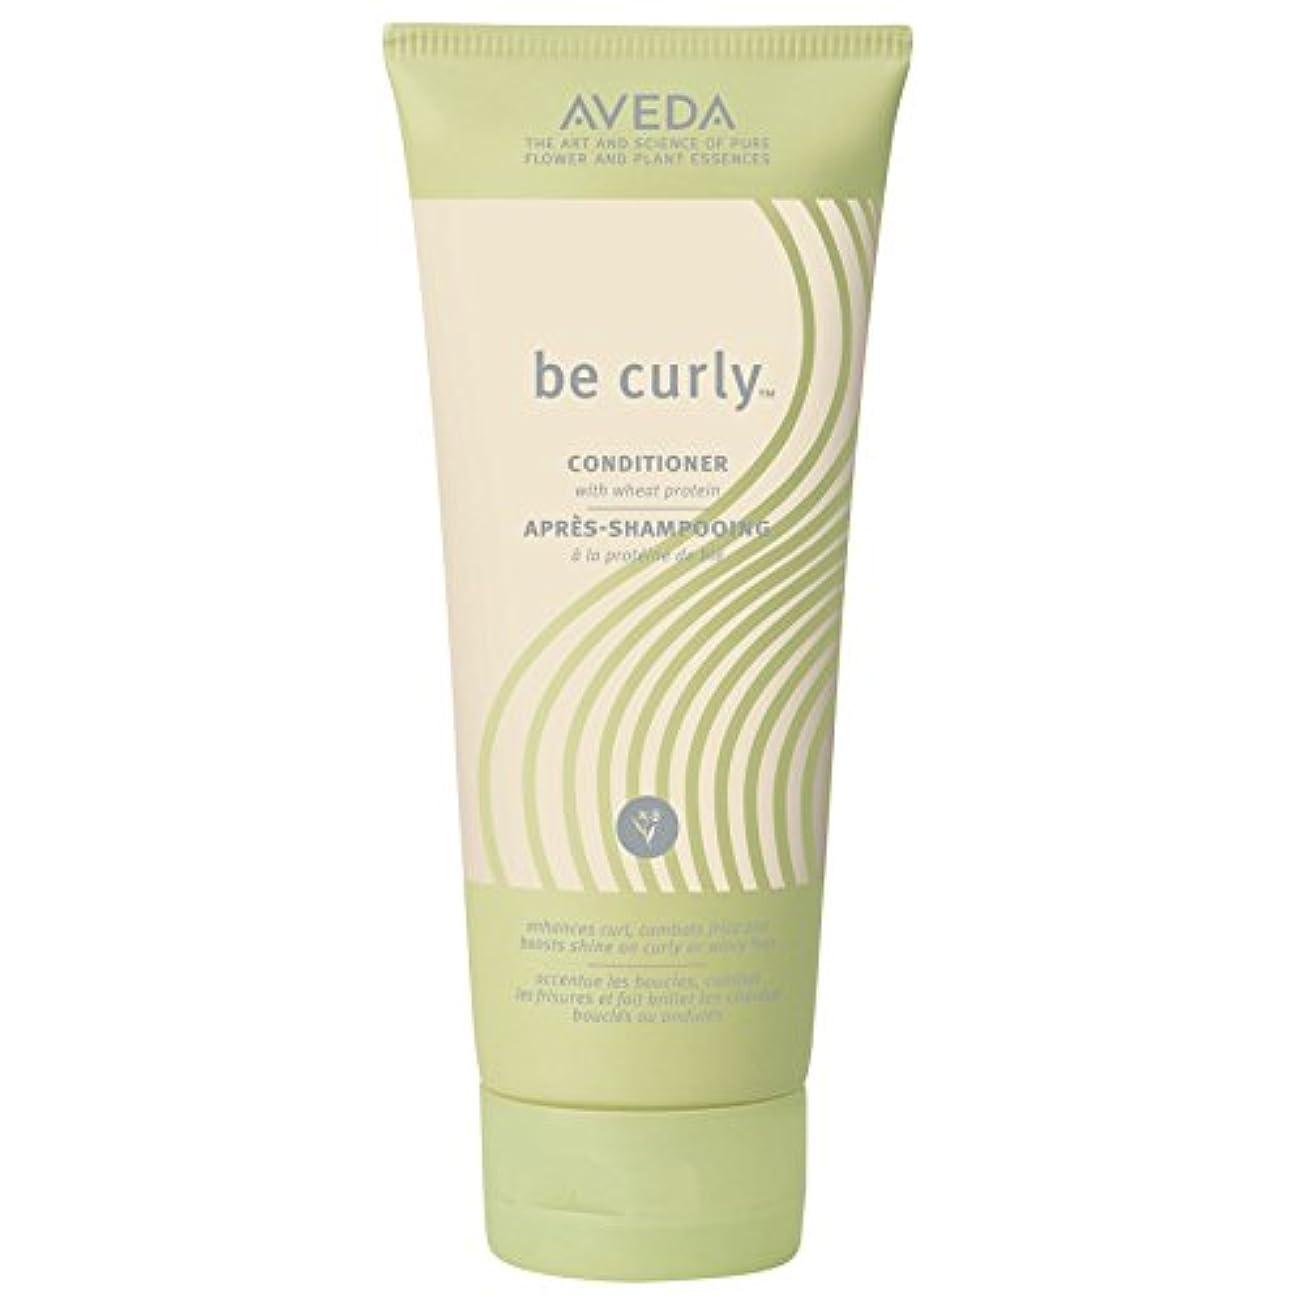 散らす娘闇[AVEDA] アヴェダカーリーコンディショナー200Mlこと - Aveda Be Curly Conditioner 200ml [並行輸入品]